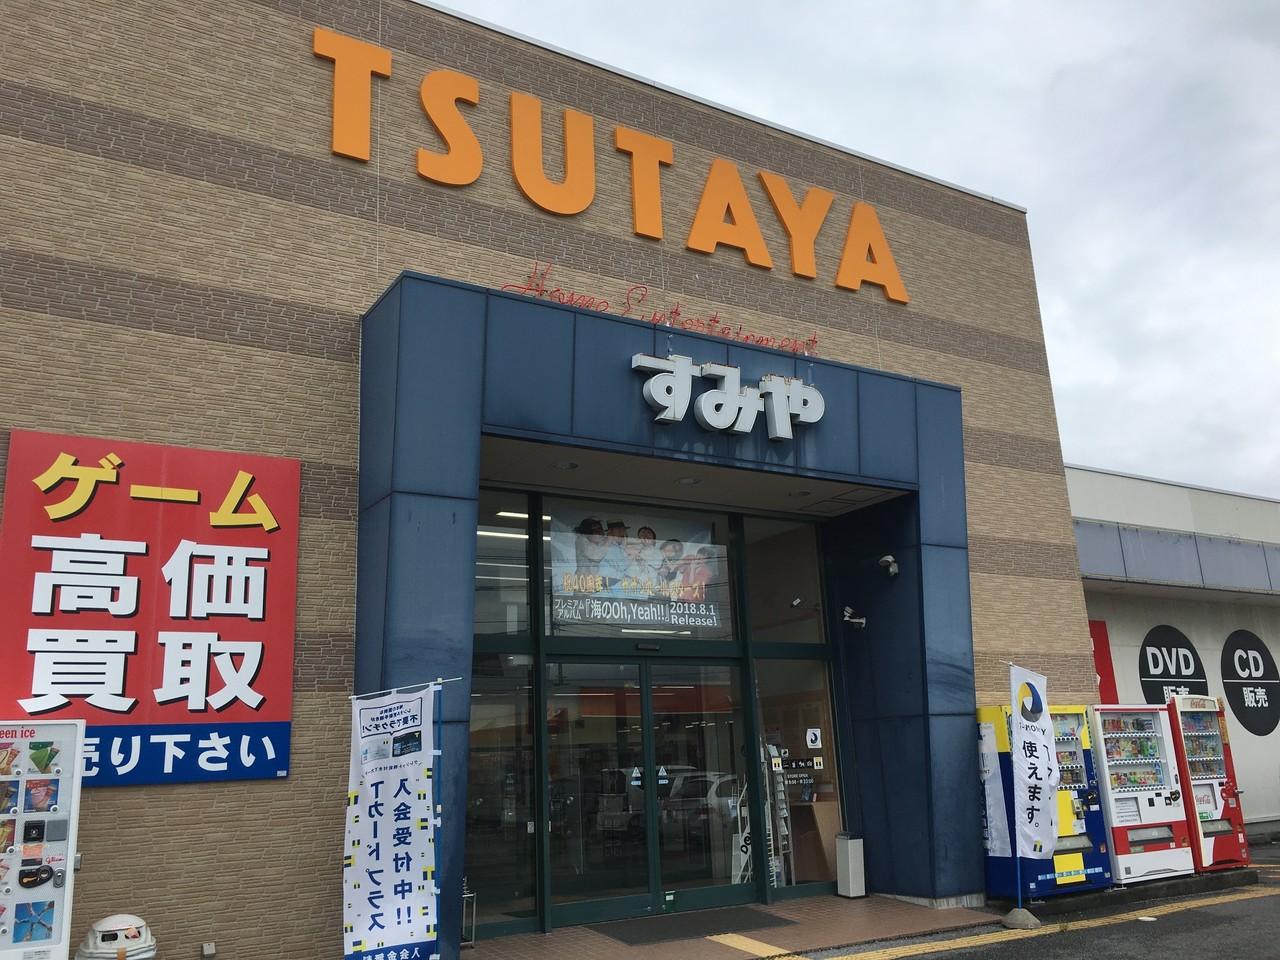 函南 tsutaya